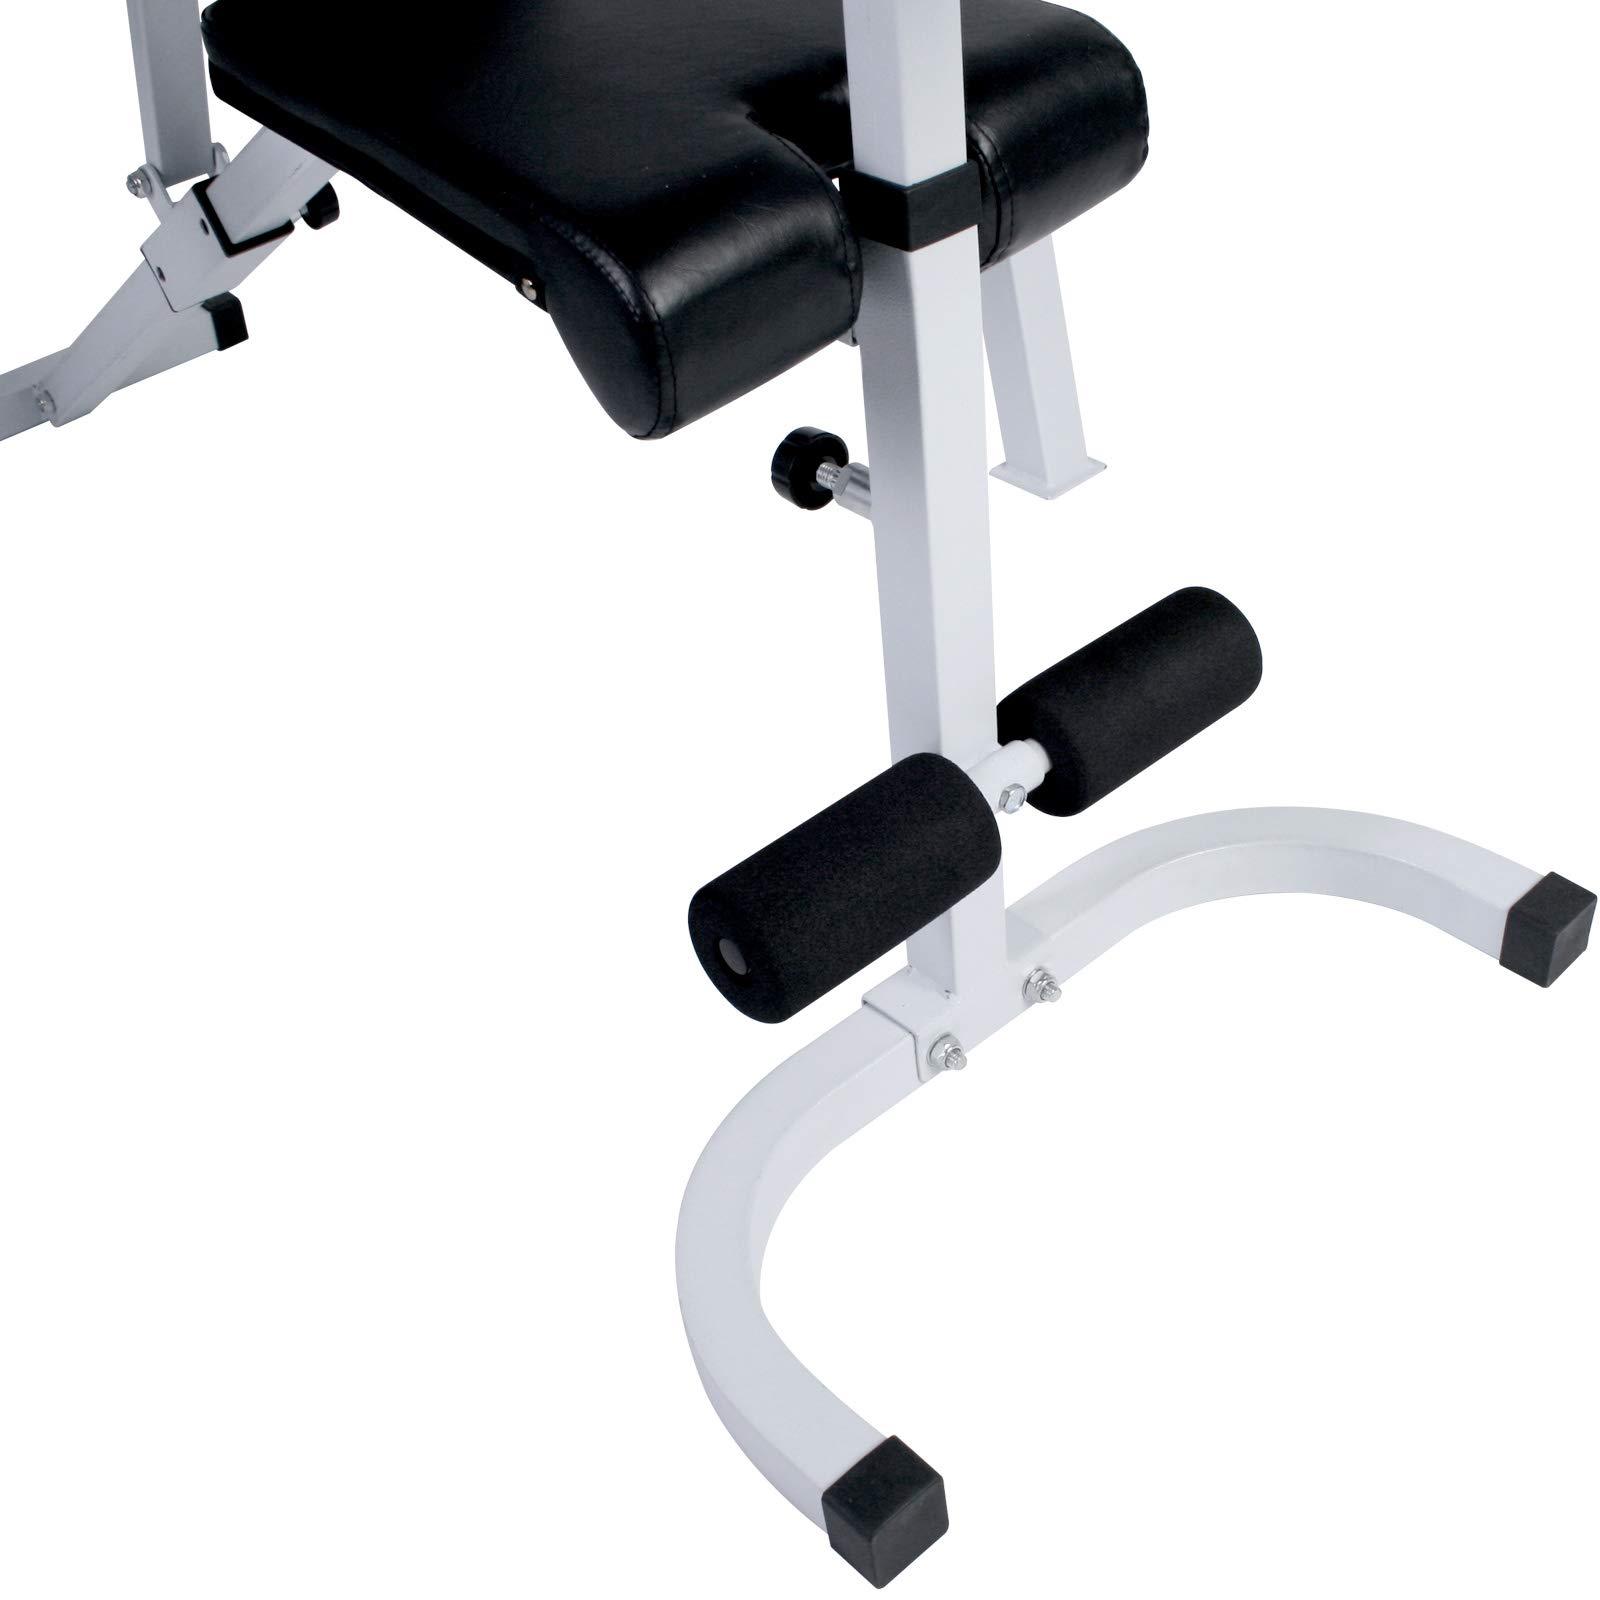 Physionics Banco de Musculación - con Soporte para Pesas, Ajustable (Respaldo de 7 Posiciones, Reposabarras de 5 Posiciones), Carga máx. 255 kg | Banco de Pesas: Amazon.es: Deportes y aire libre